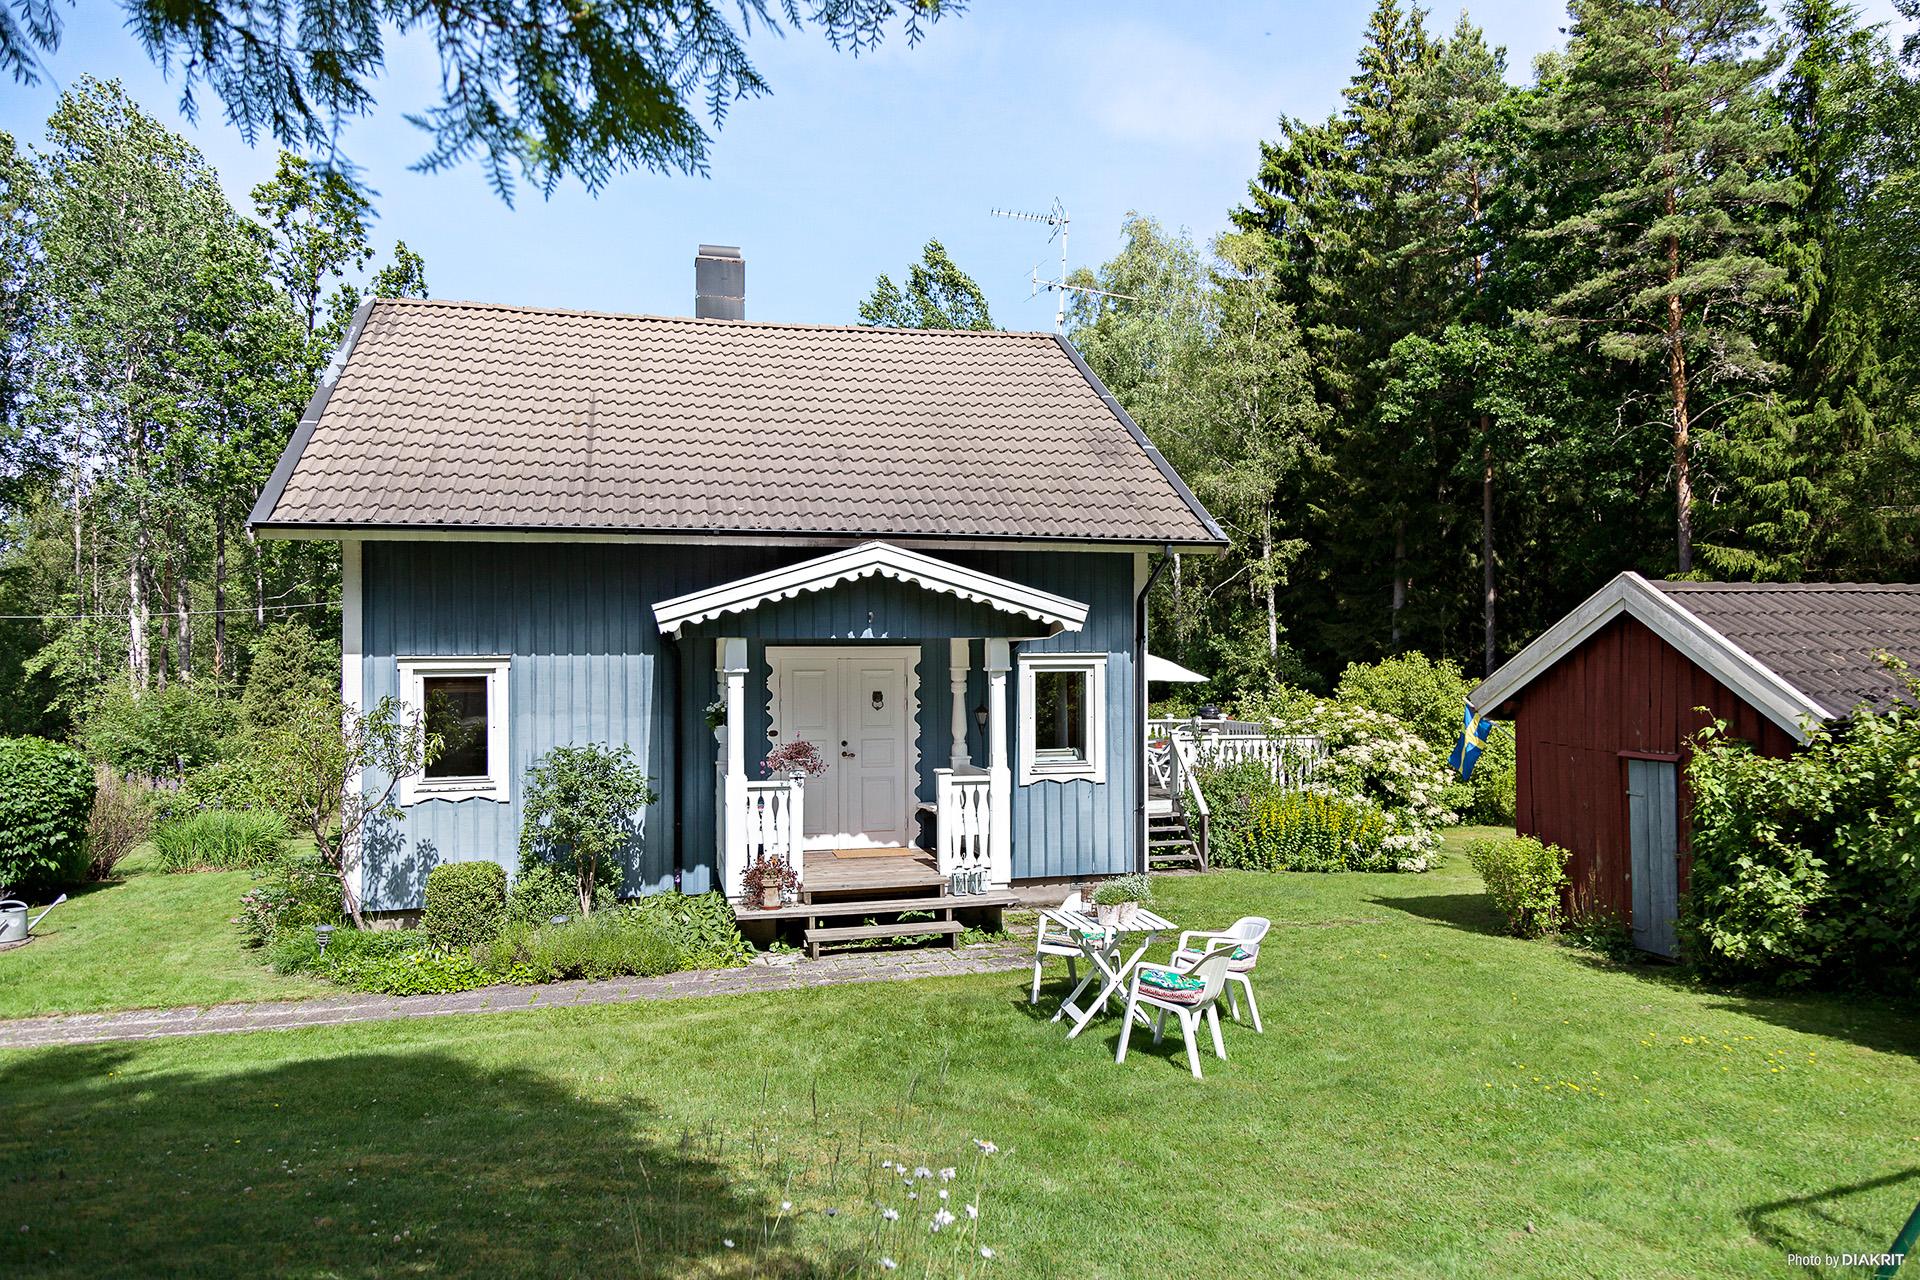 Huset och trädgården